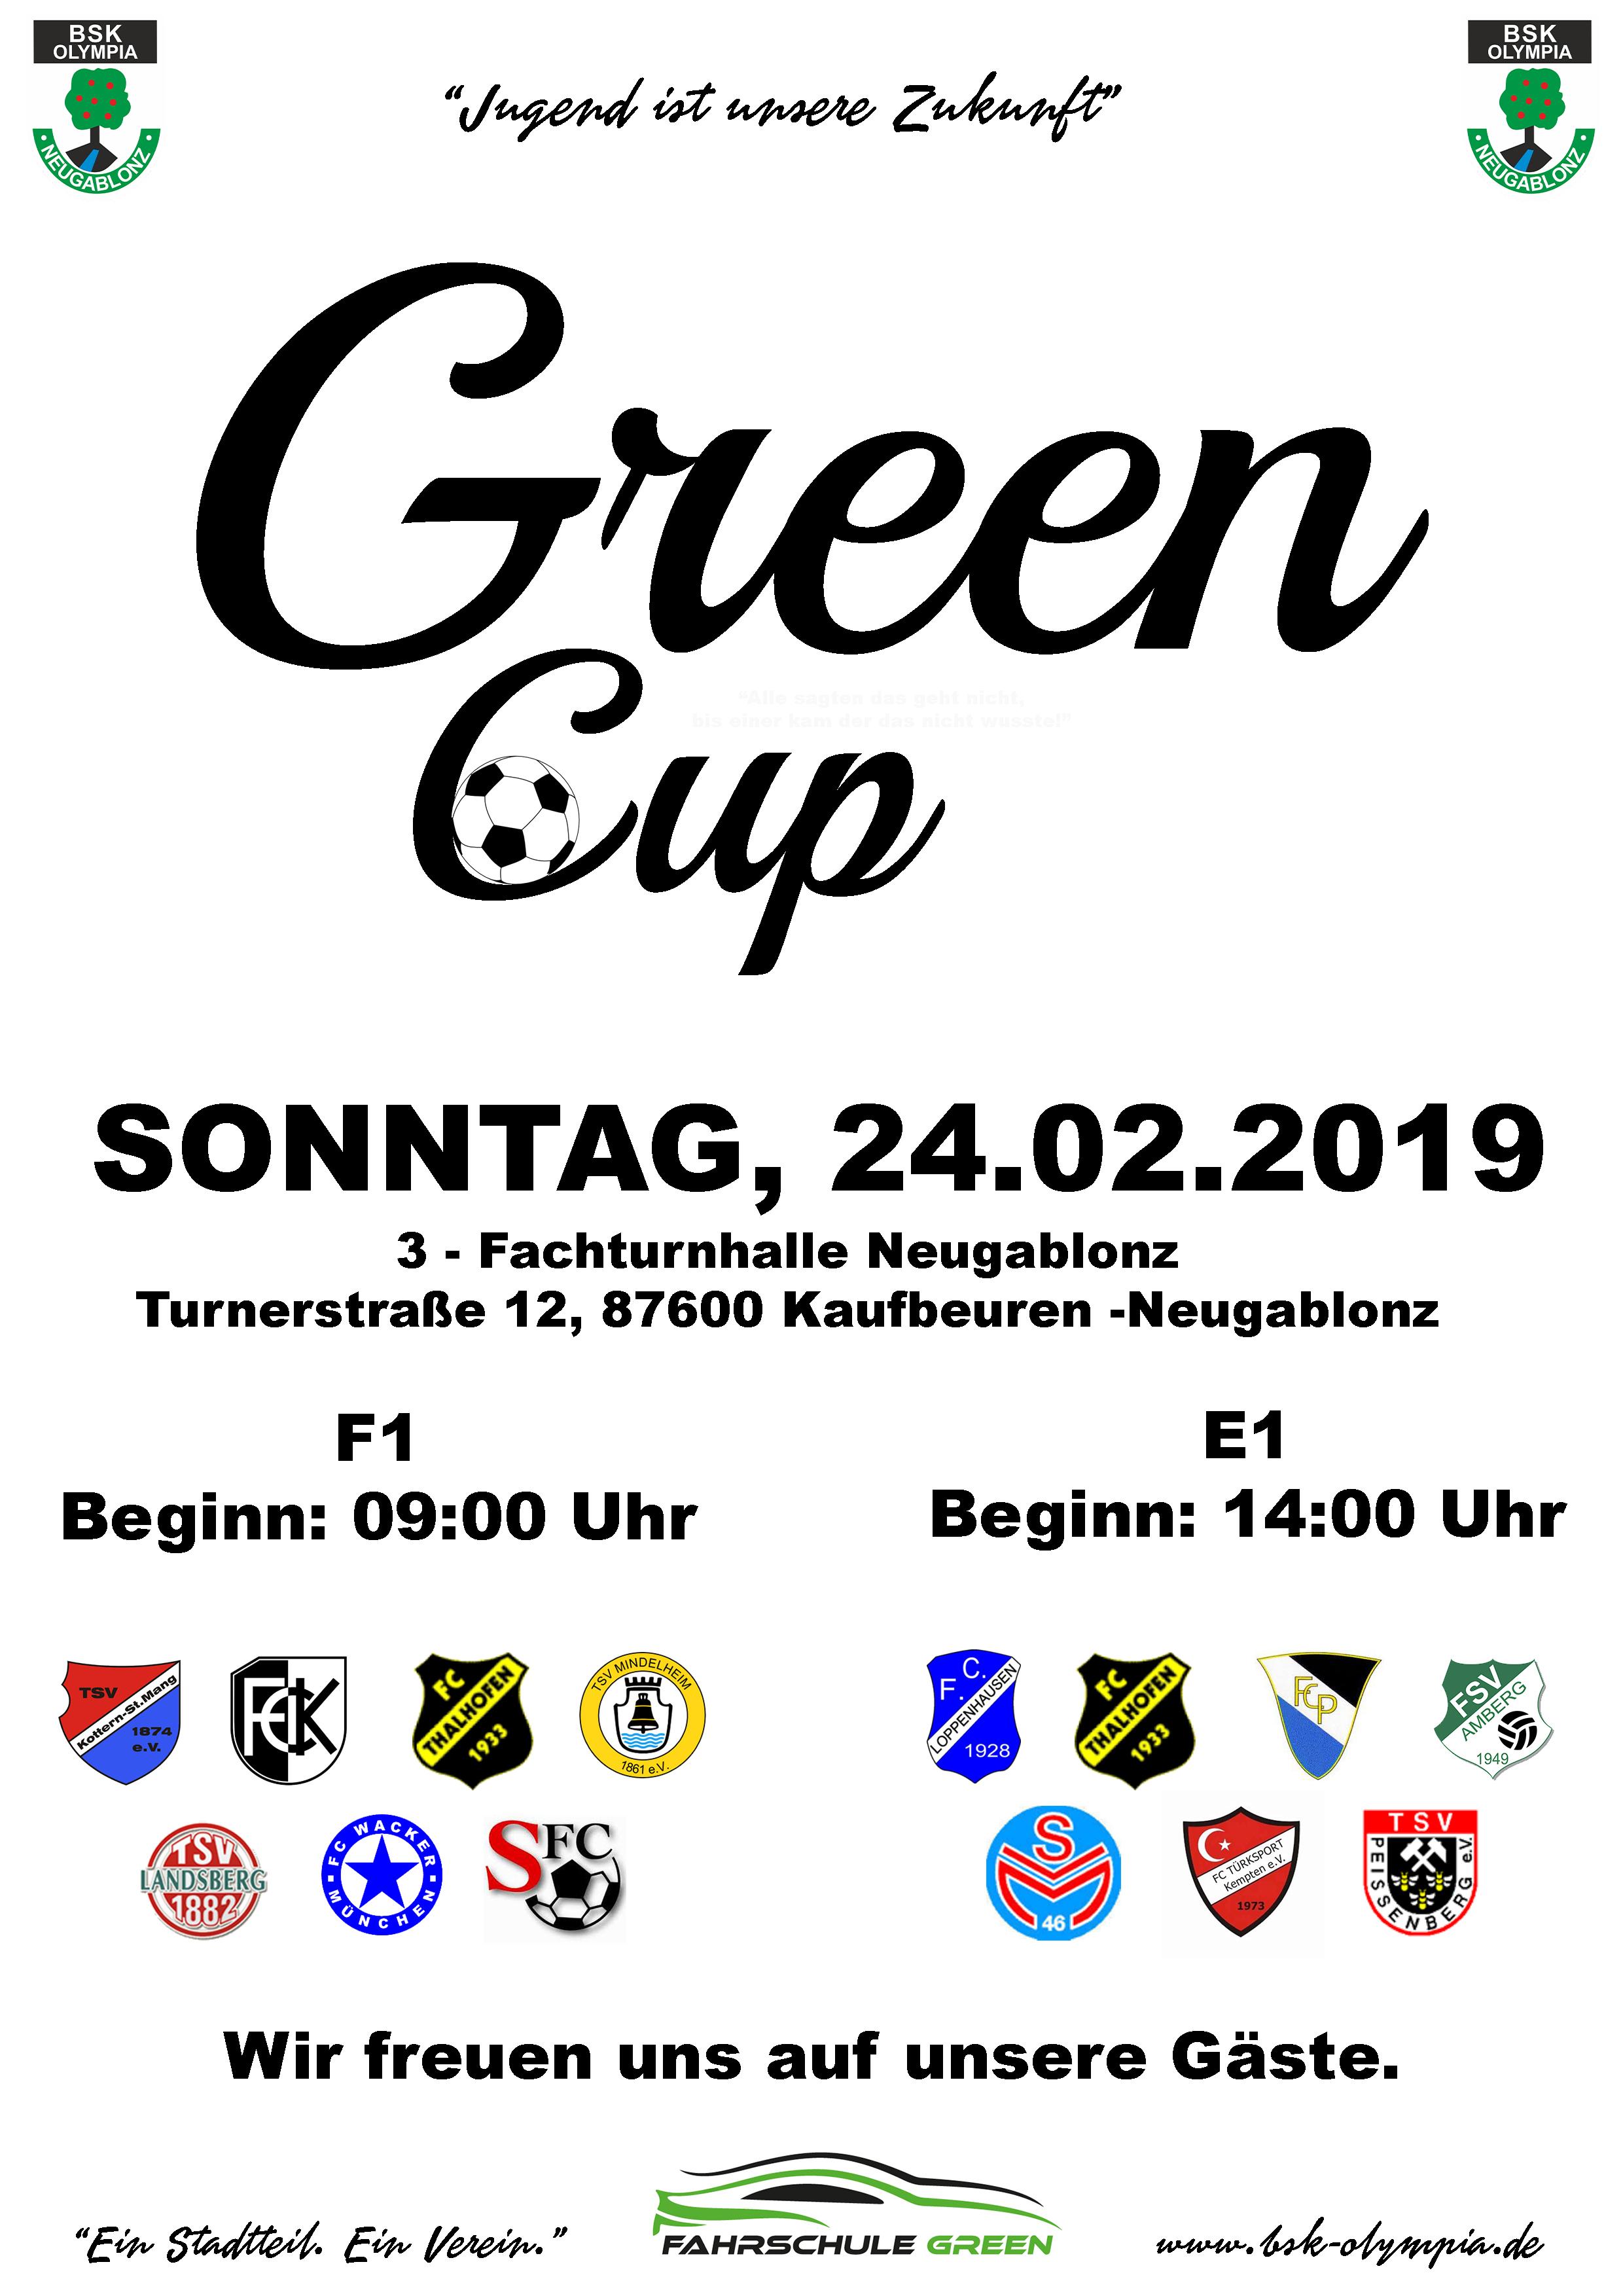 green-cup-2019-fahrschule-green-bsk-kaufbeuren-neugablonz